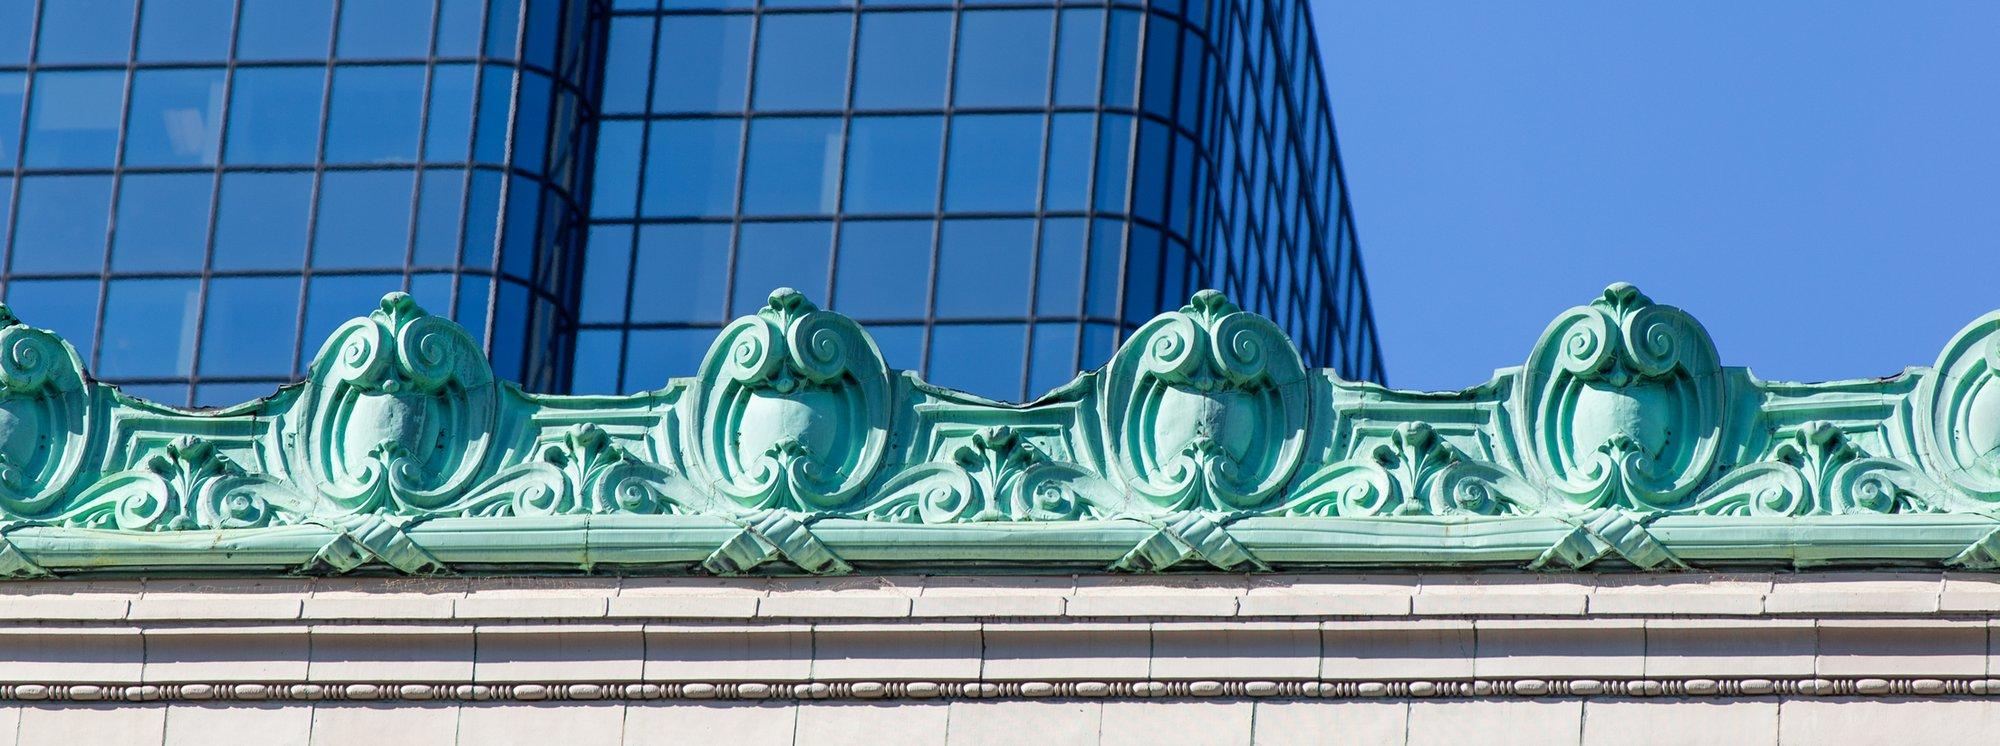 Weebers Vastgoed Advocaten kiest voor CRM en DMS met Epona Legal